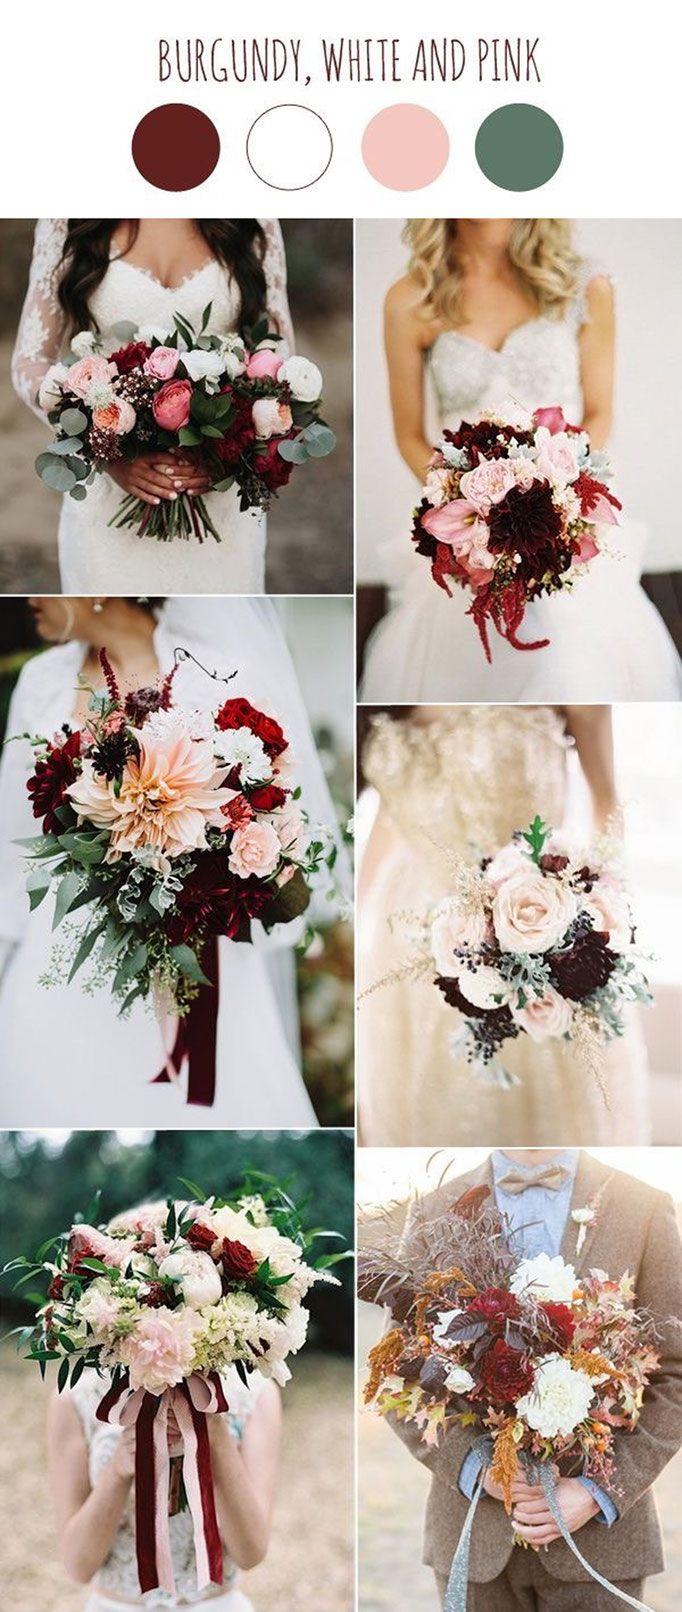 Fiori Per Bouquet Sposa Giugno.Bouquet Da Sposa Matrimonio Fiori Per Matrimonio Lada